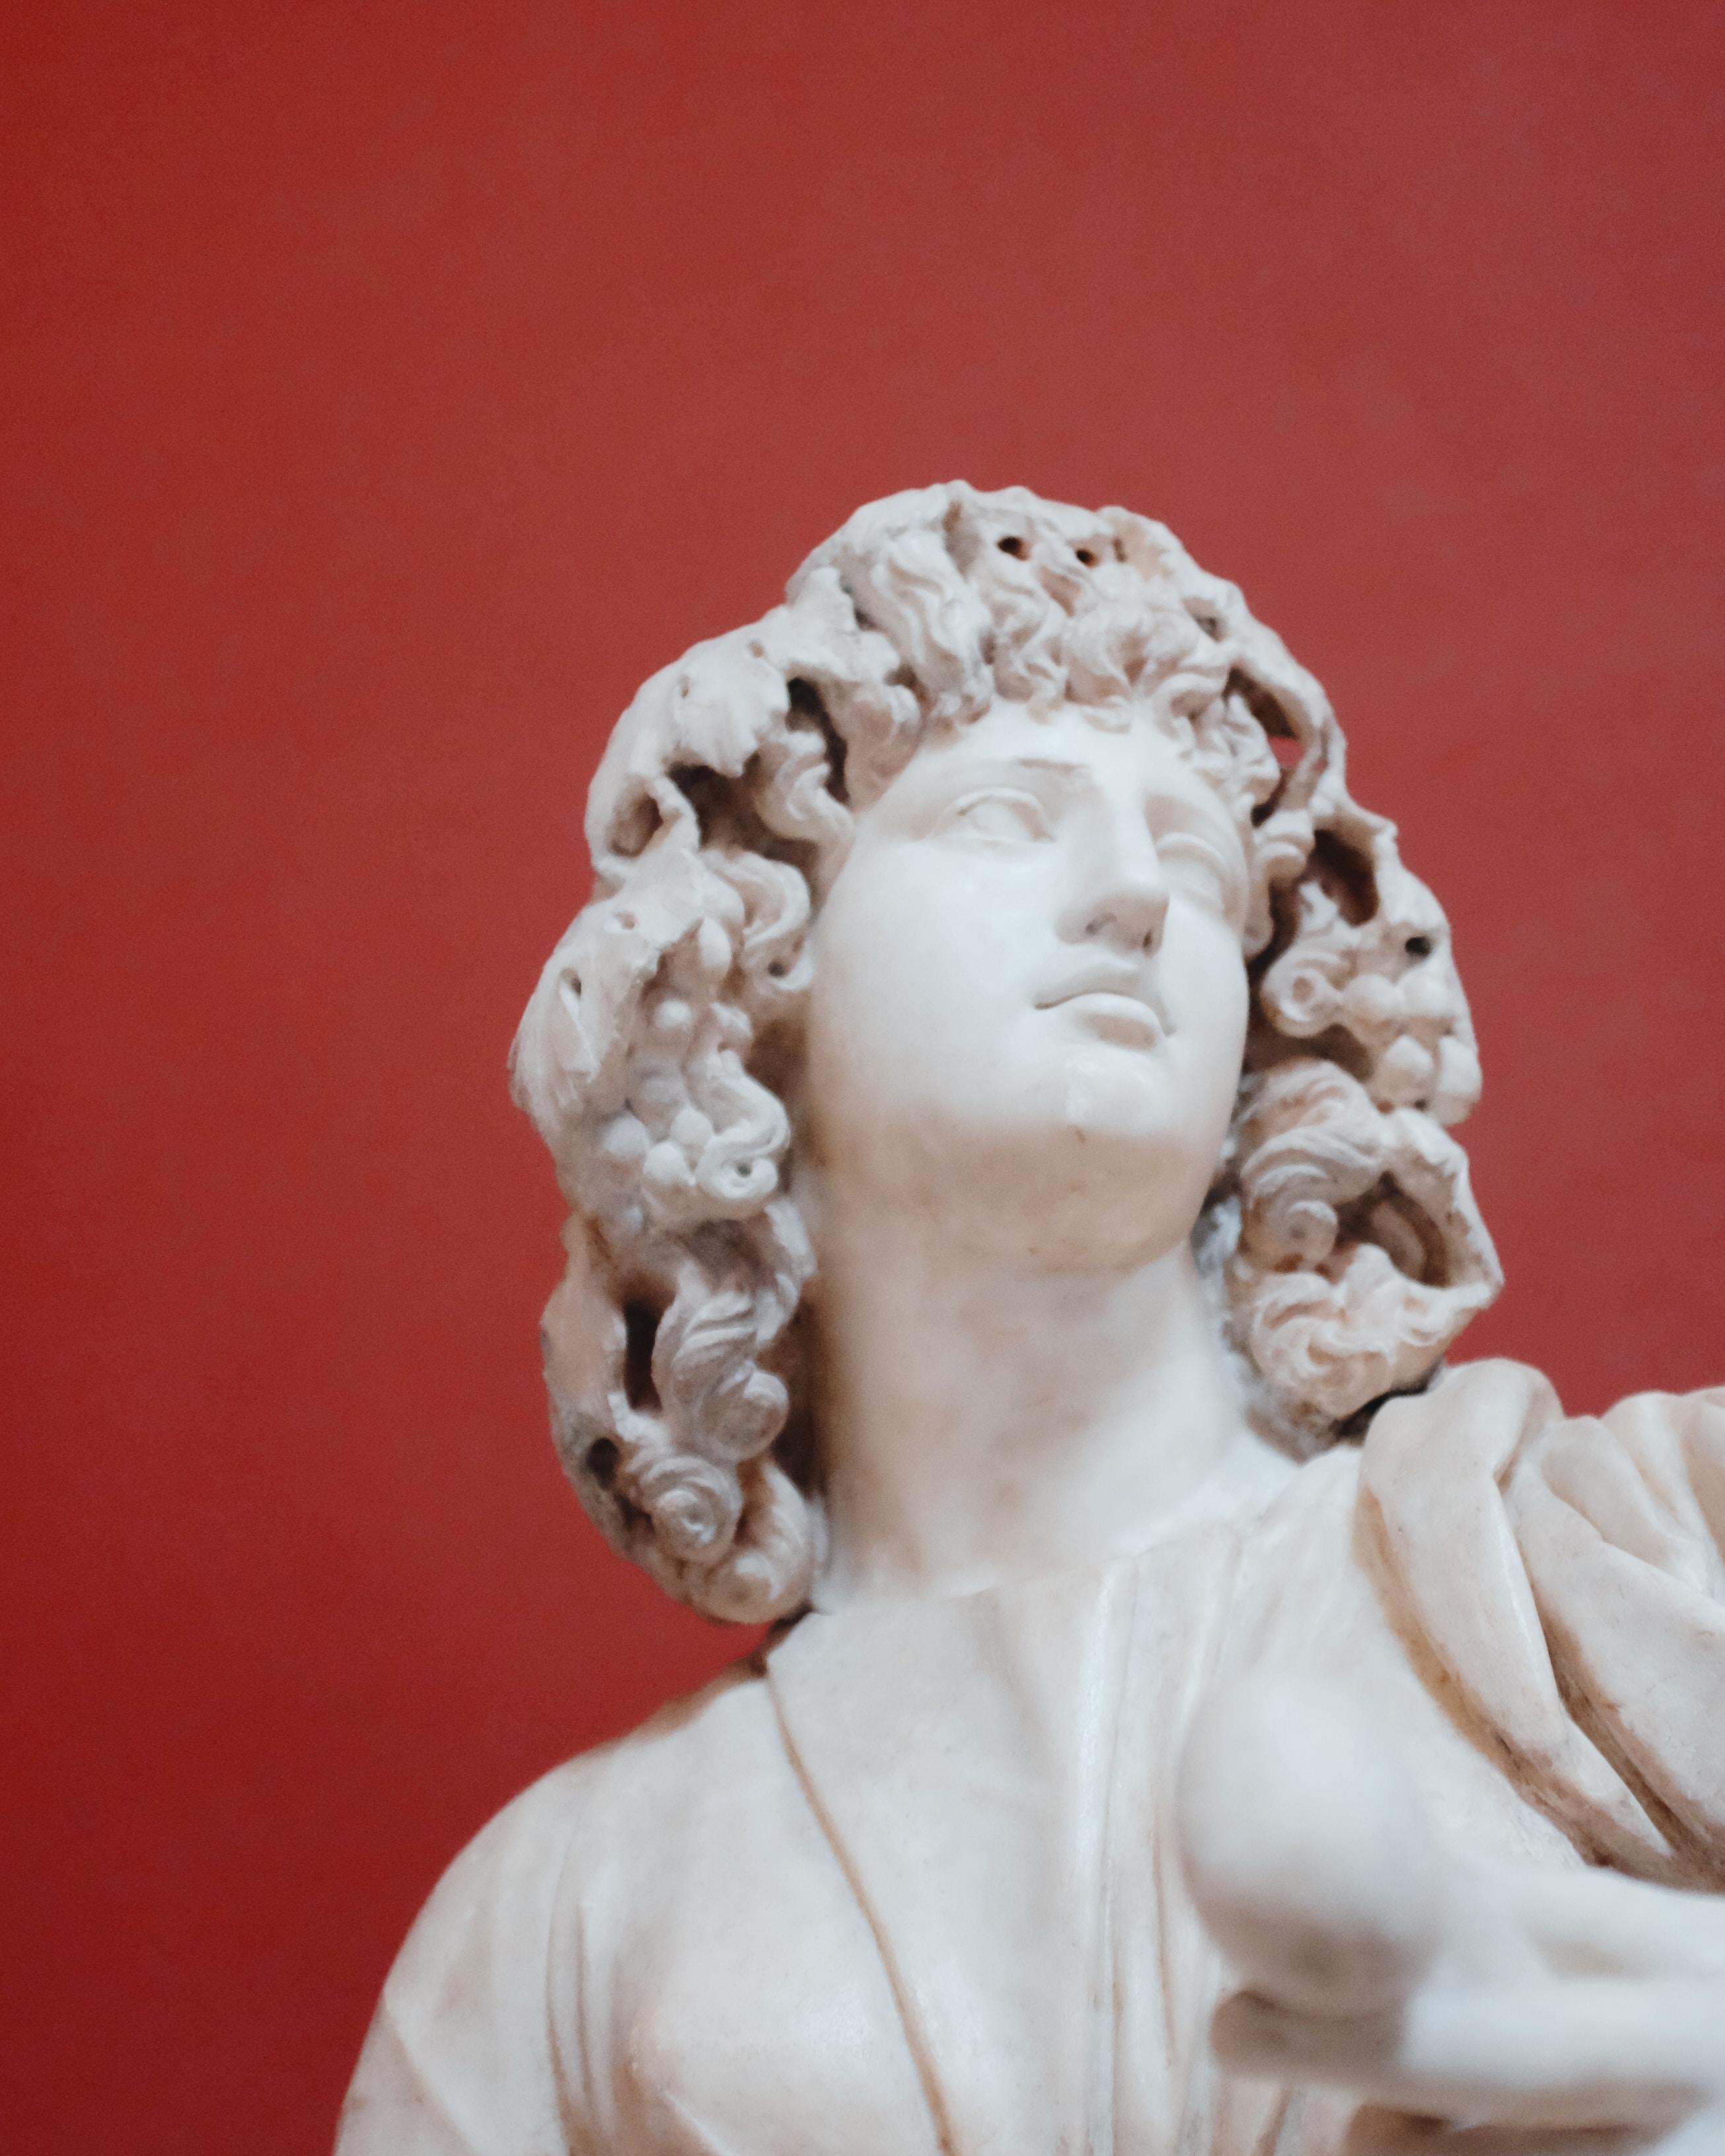 Estátua antiga de rosto de mulher com fundo vermelho.